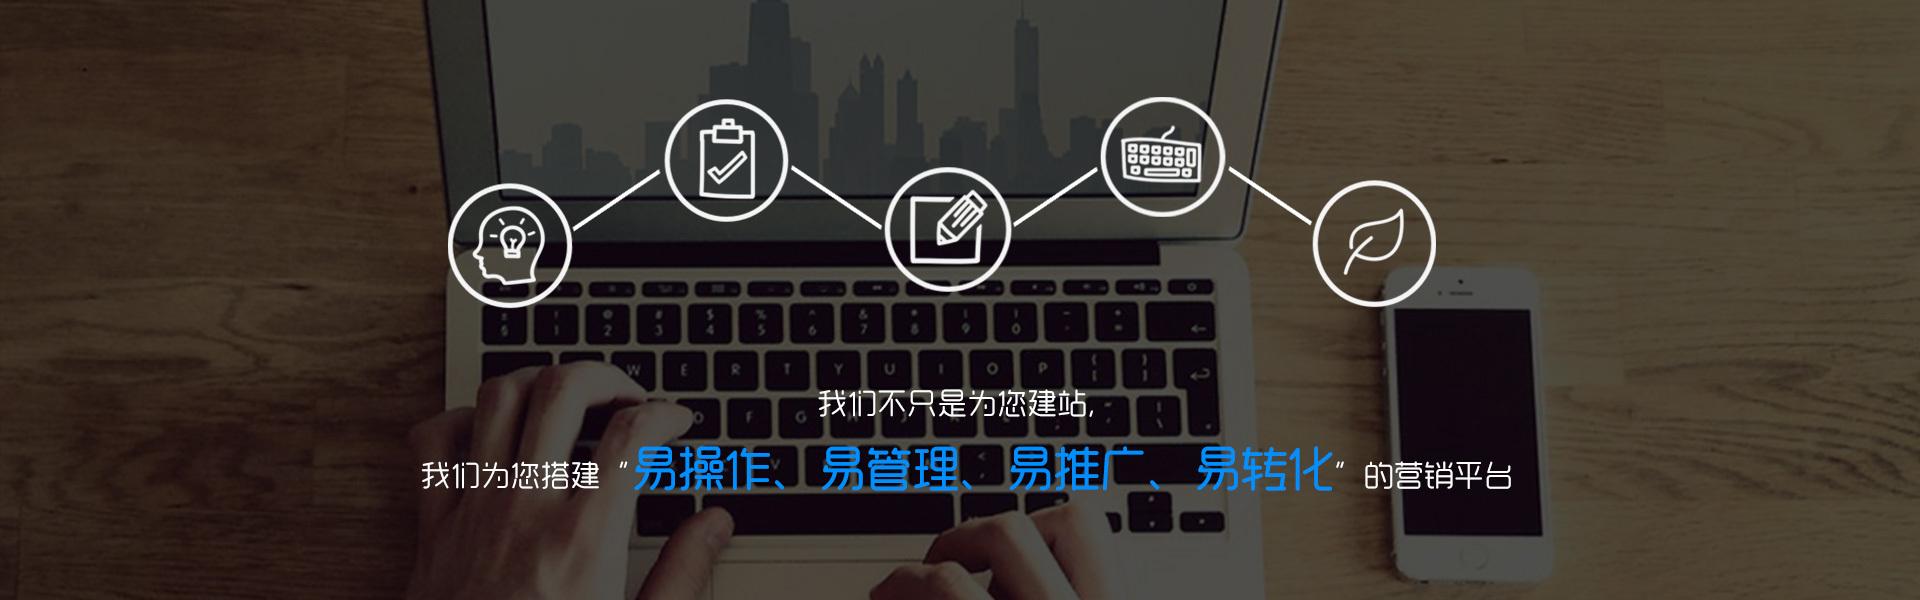 盘锦微信营销